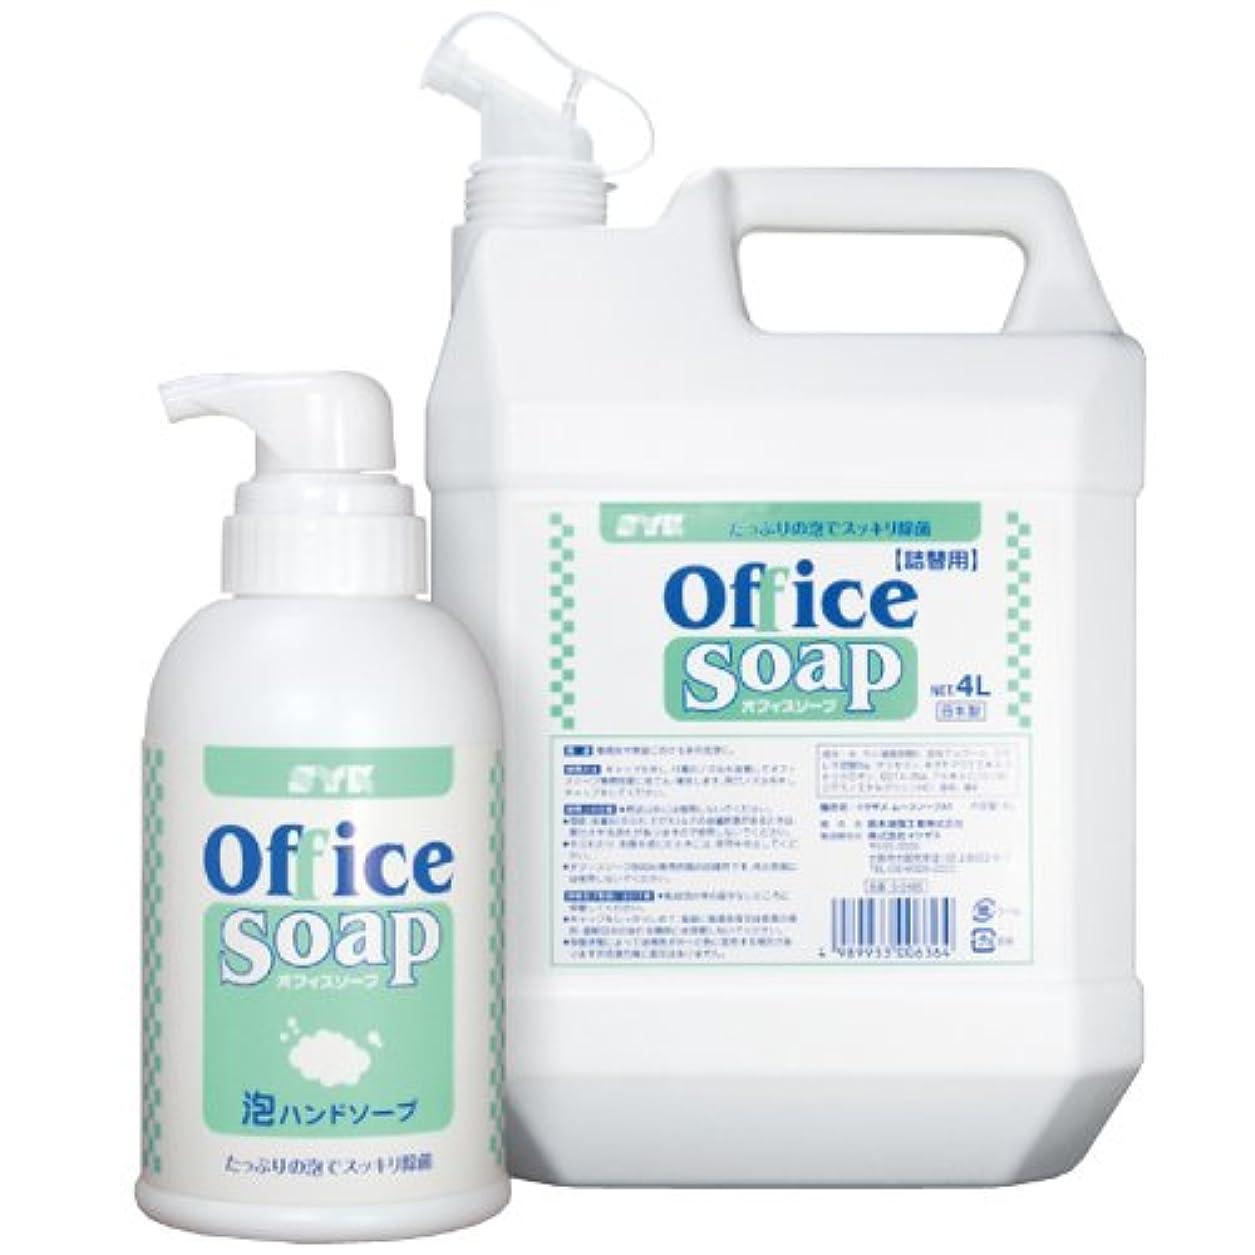 正確中止しますペルメル鈴木油脂 事務所用手洗い洗剤 業務用 オフィスソープ ポンプ入 780ml×3本